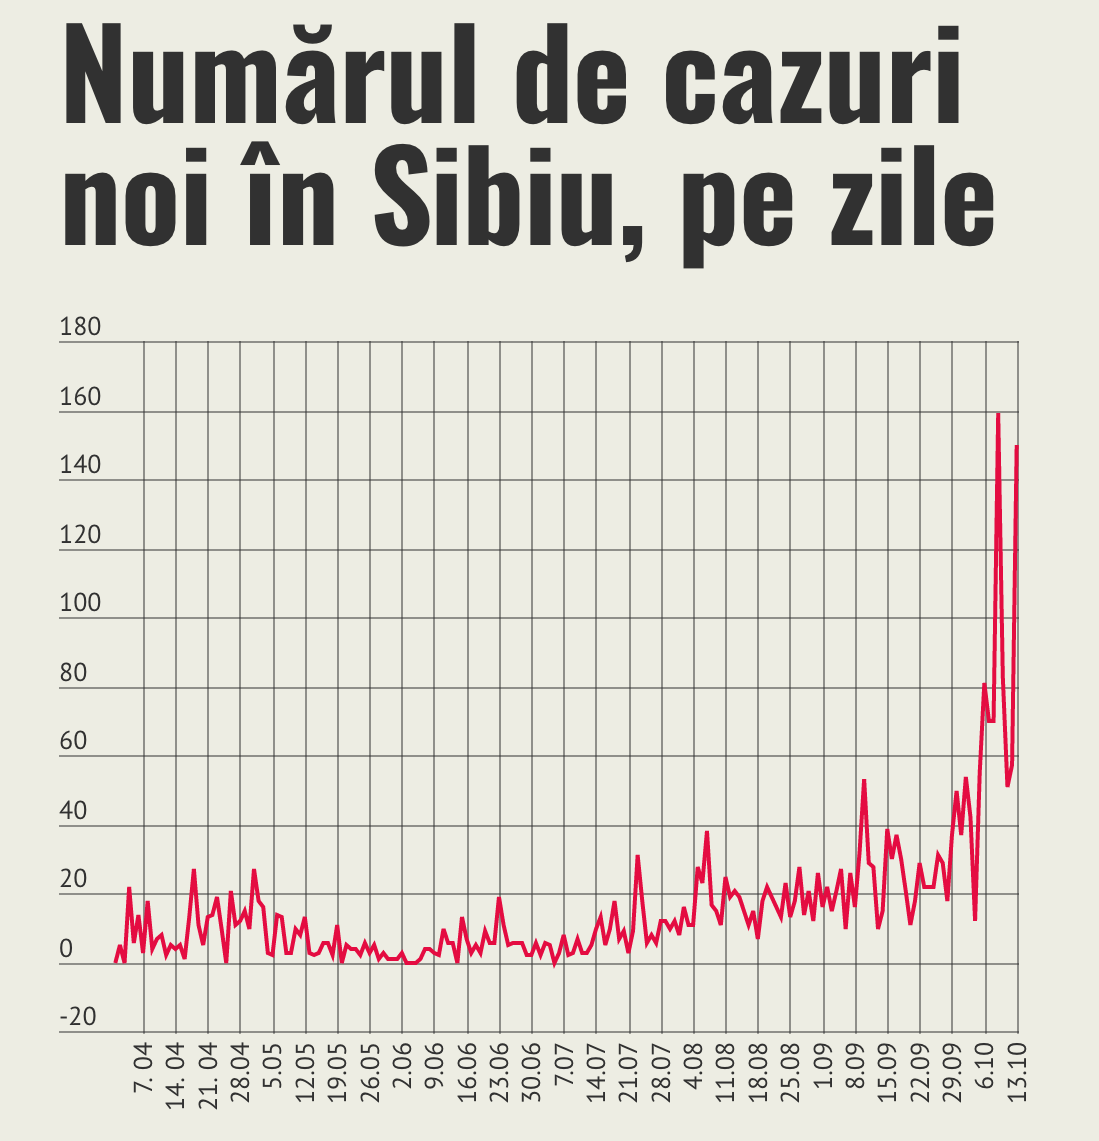 150 de cazuri noi de coronavirus. Aproape o treime din numărul total de infecții din județ s-au produs în primele 13 zile din octombrie